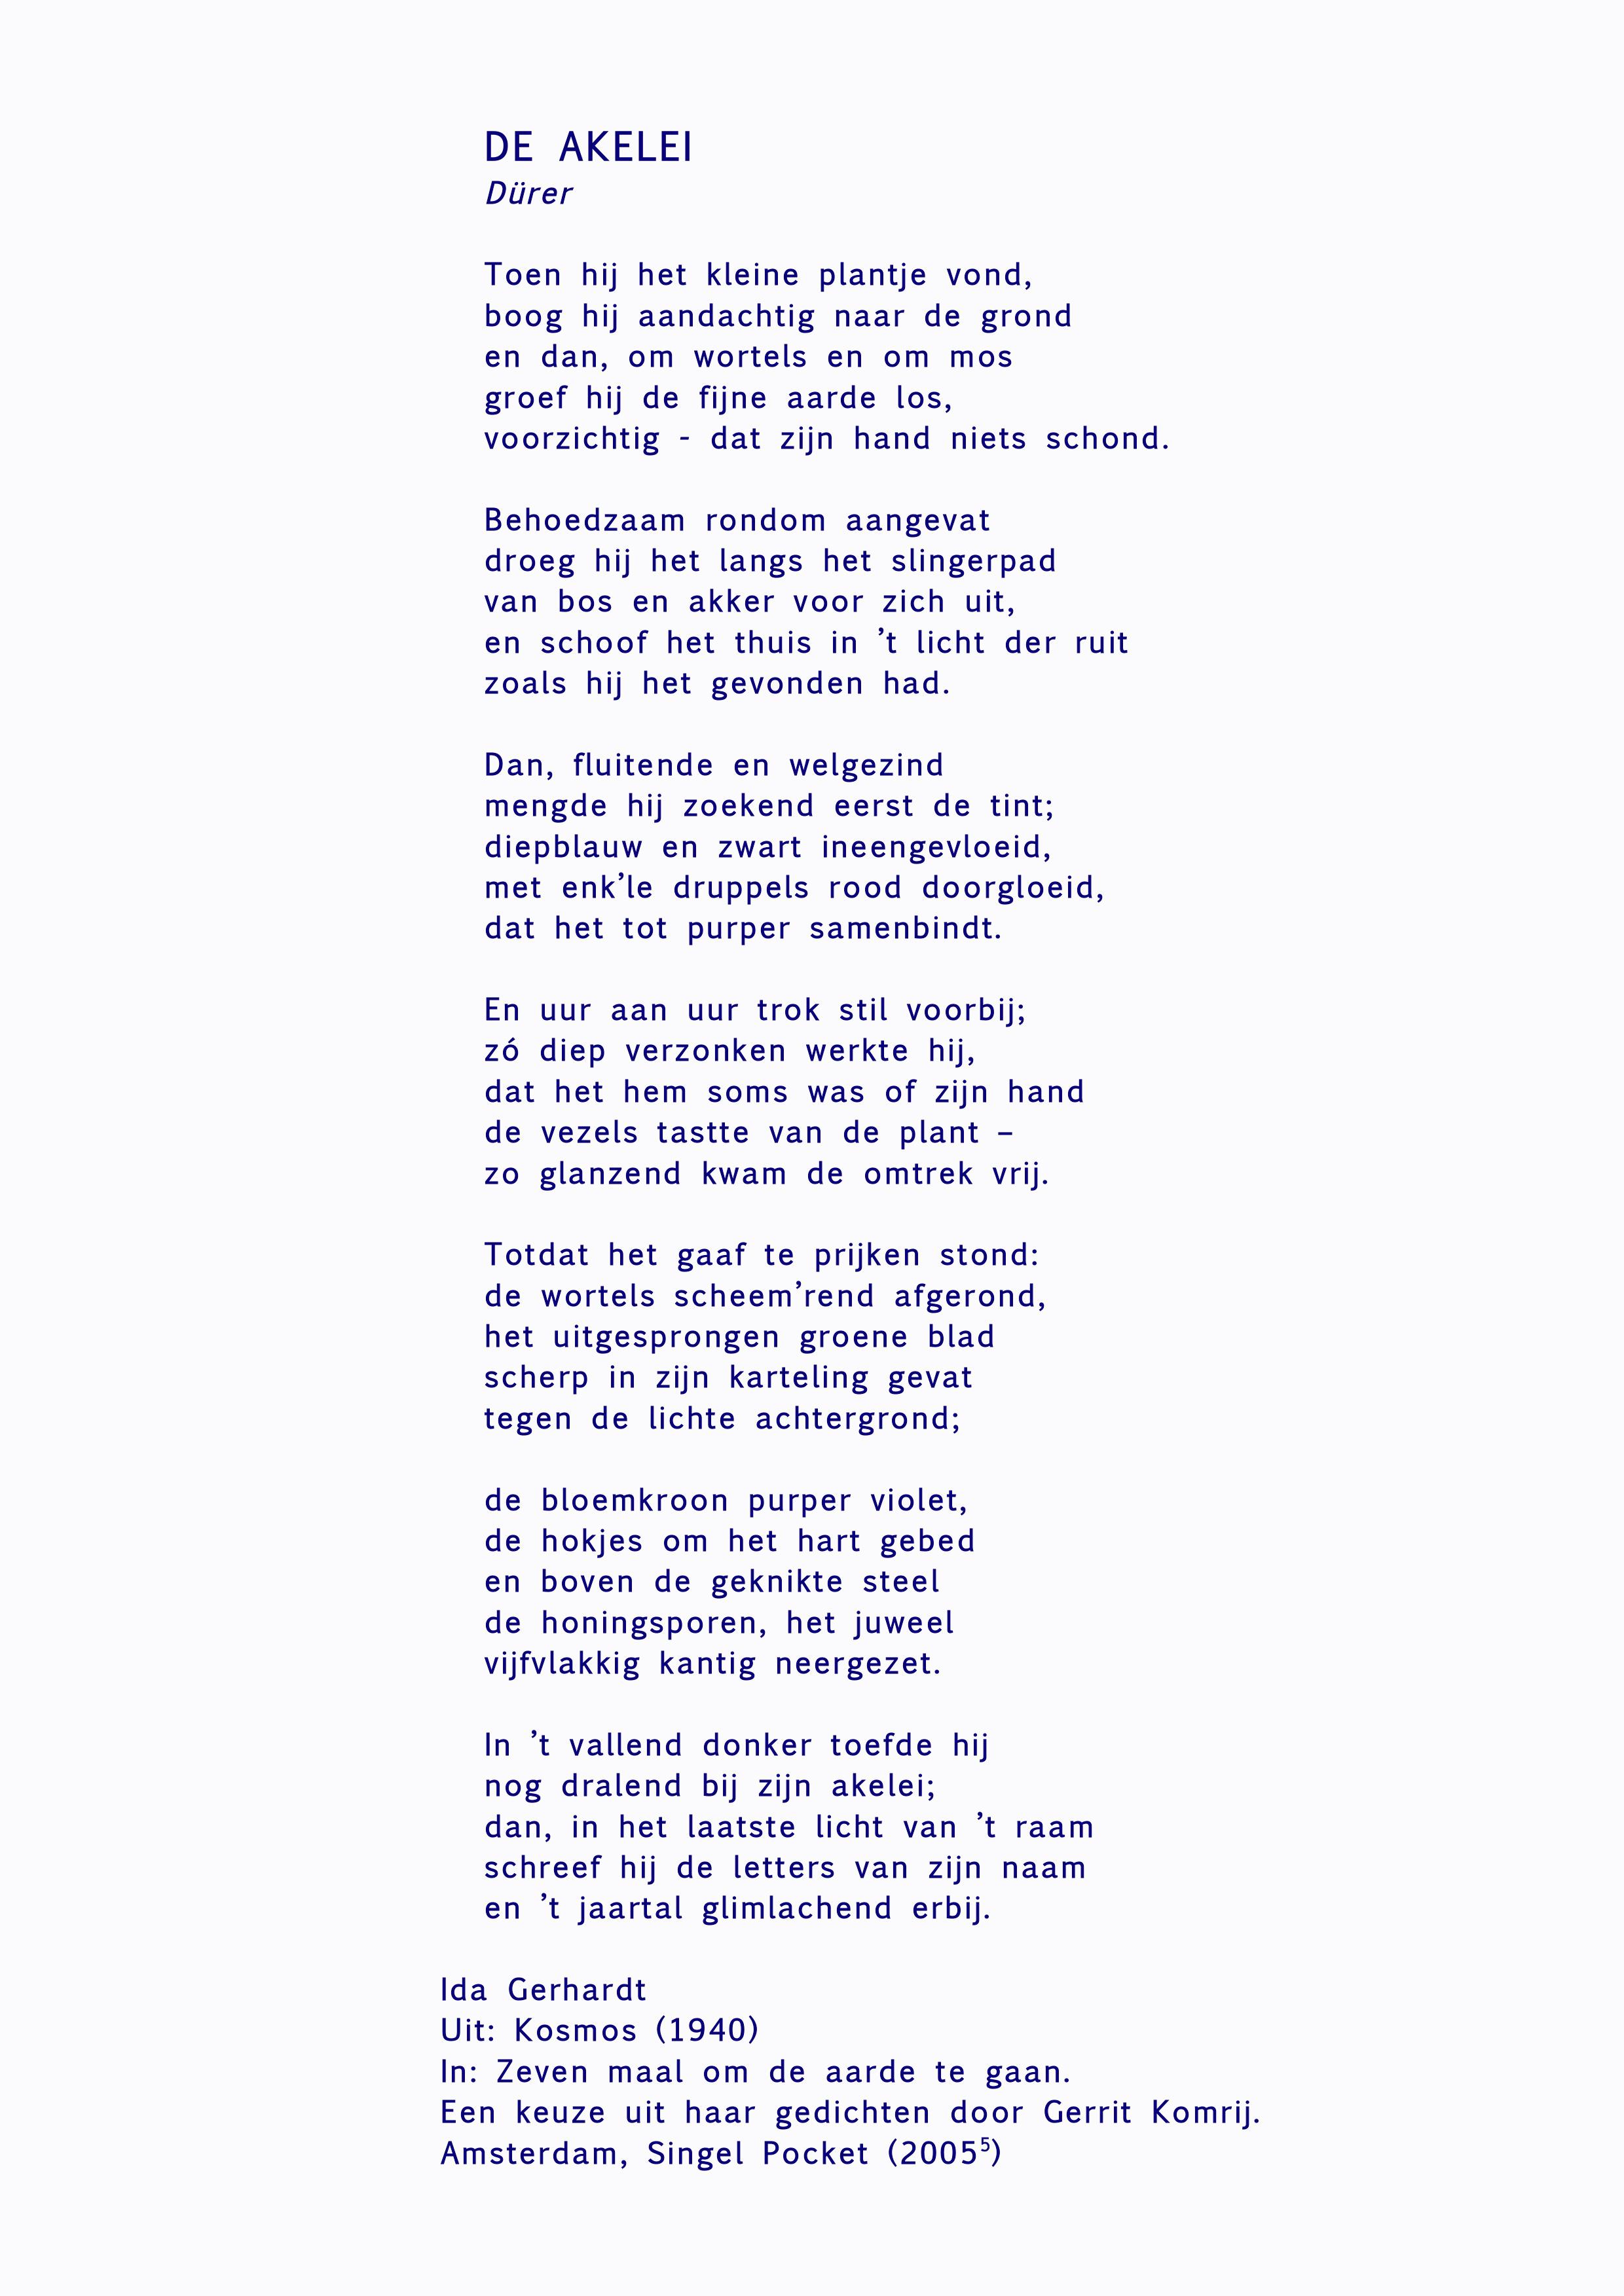 Gedicht Zeven Maal Om De Aarde Te Gaan